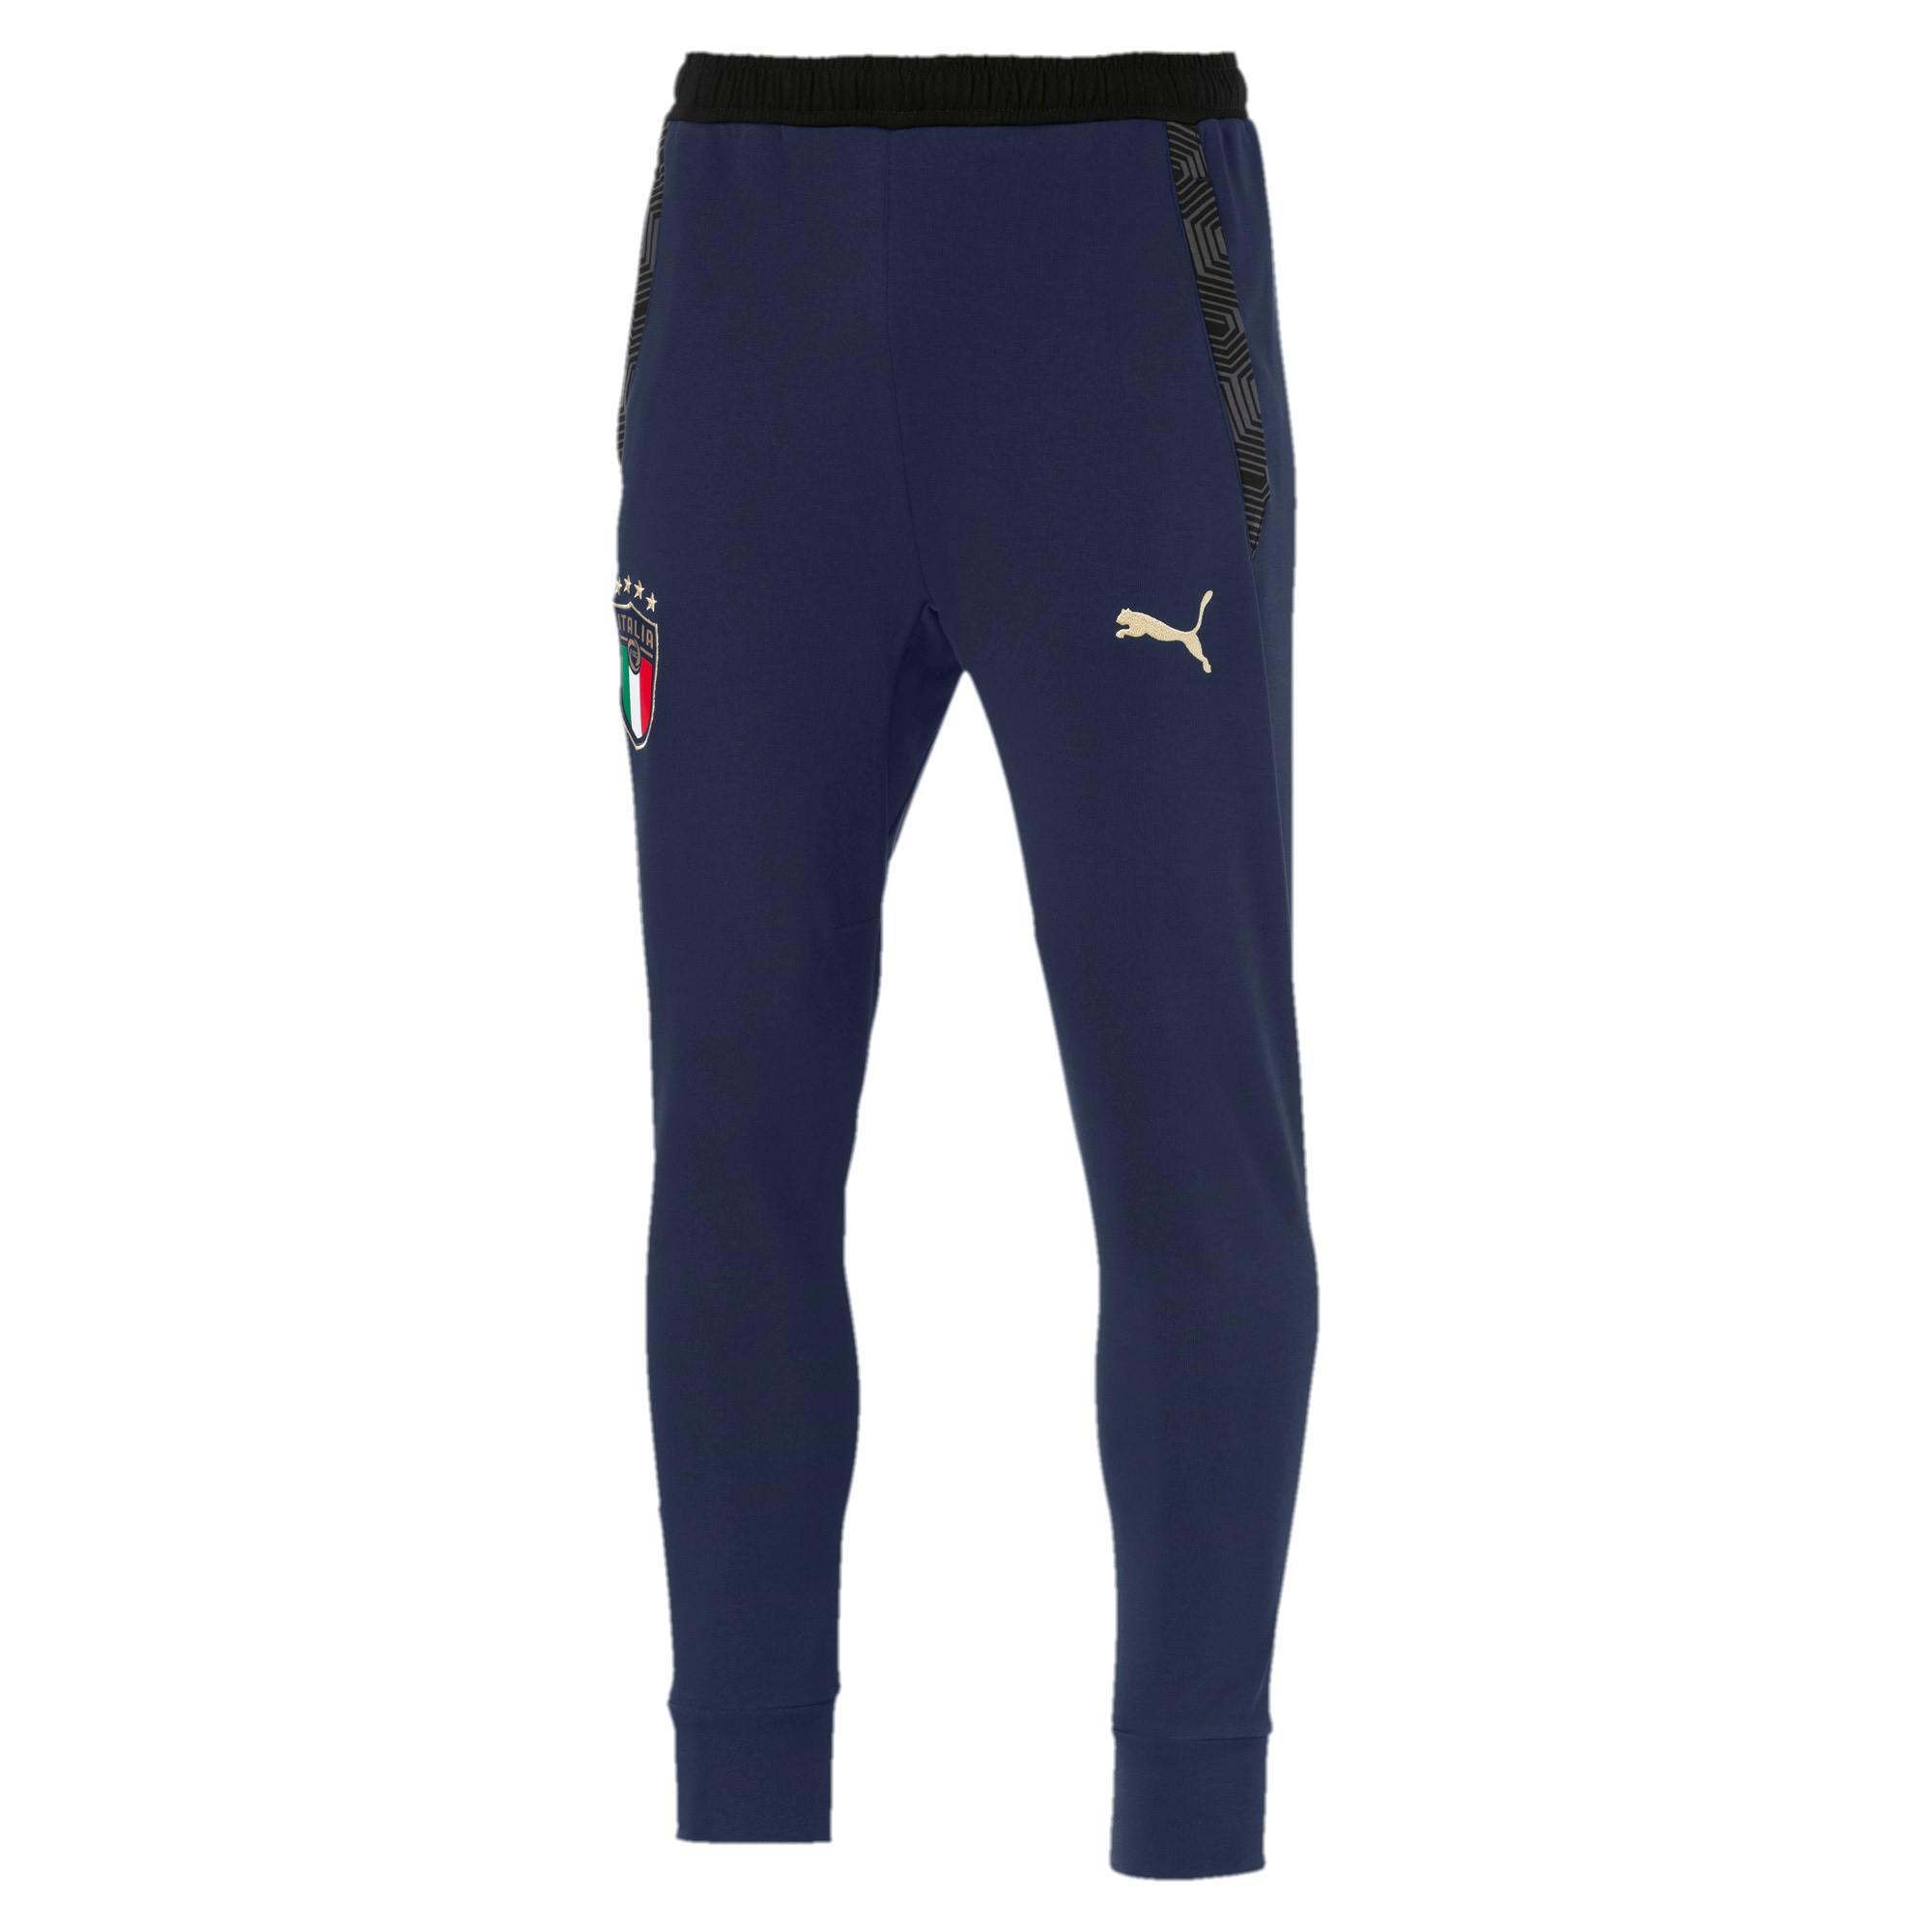 Pantalone Figc